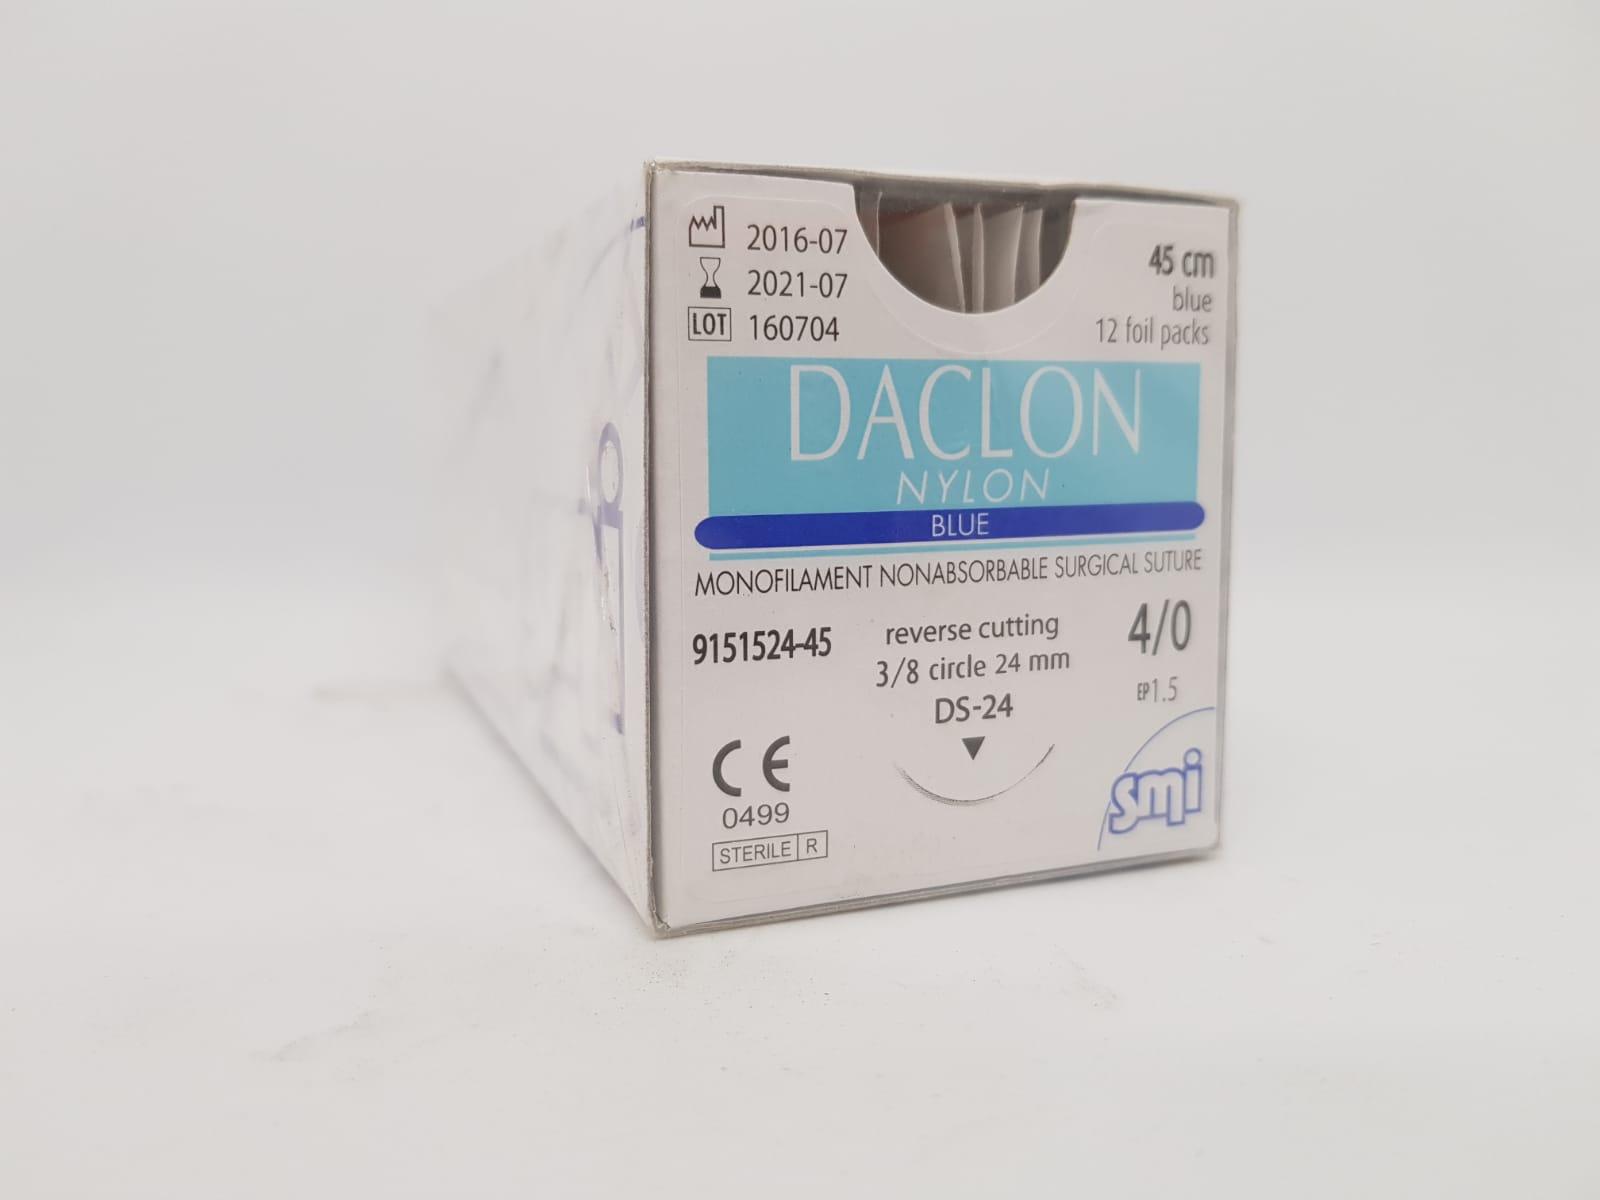 SUTURE DACLON 4/0 CIRC DS24 45CM BLACK, BOX 12